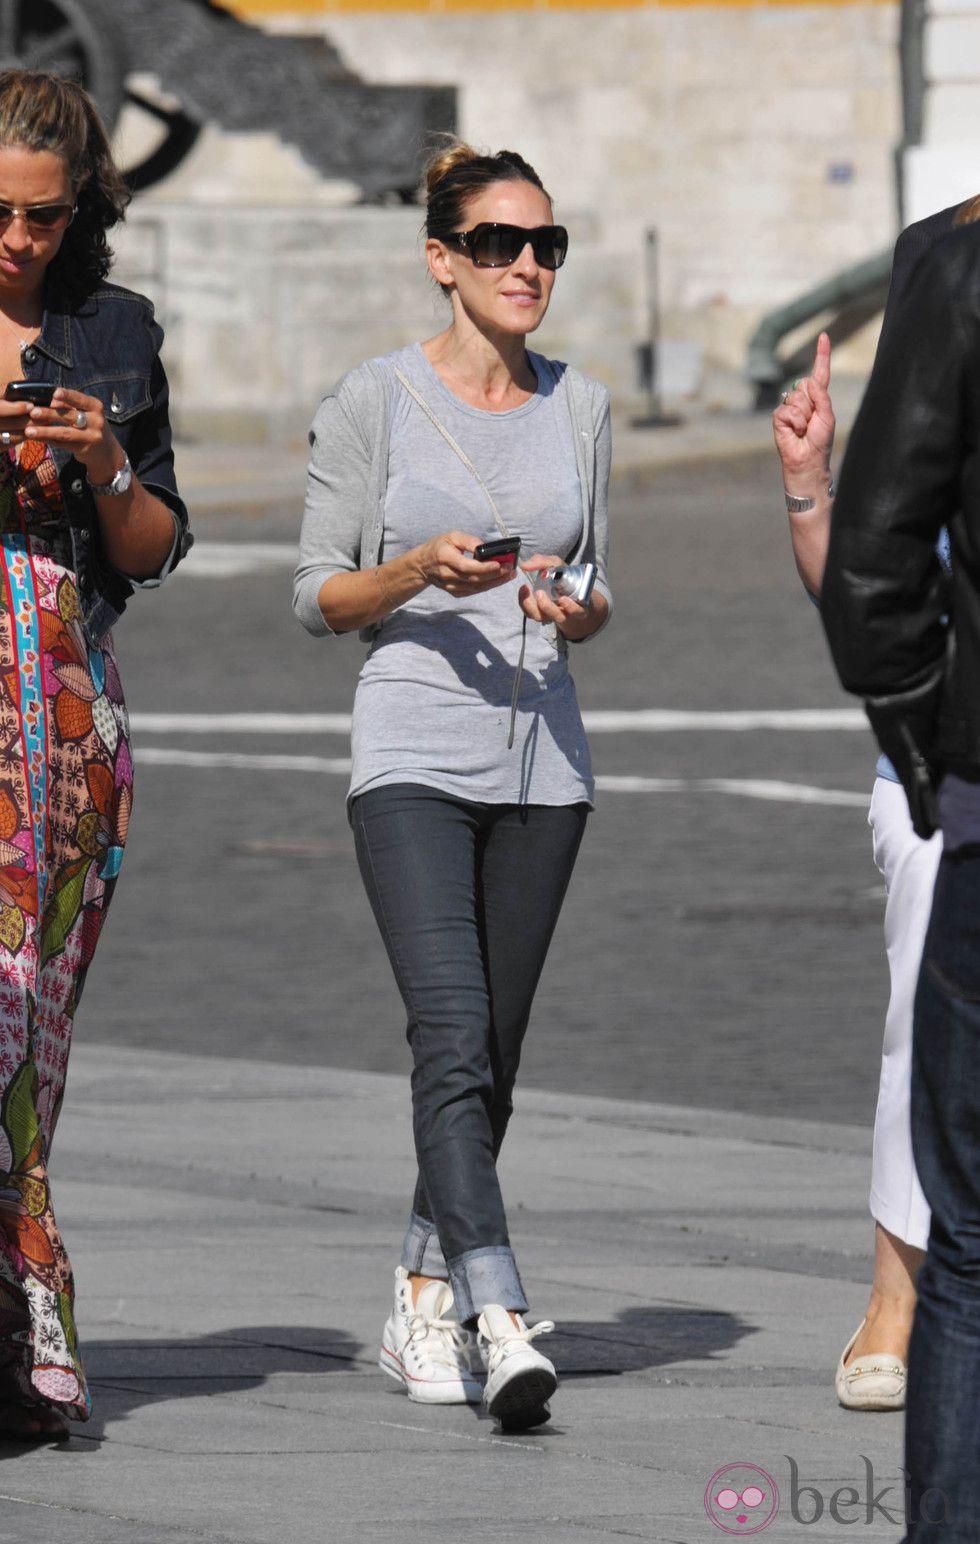 sarah jessica parker street style - Google keresés  48cf4720d